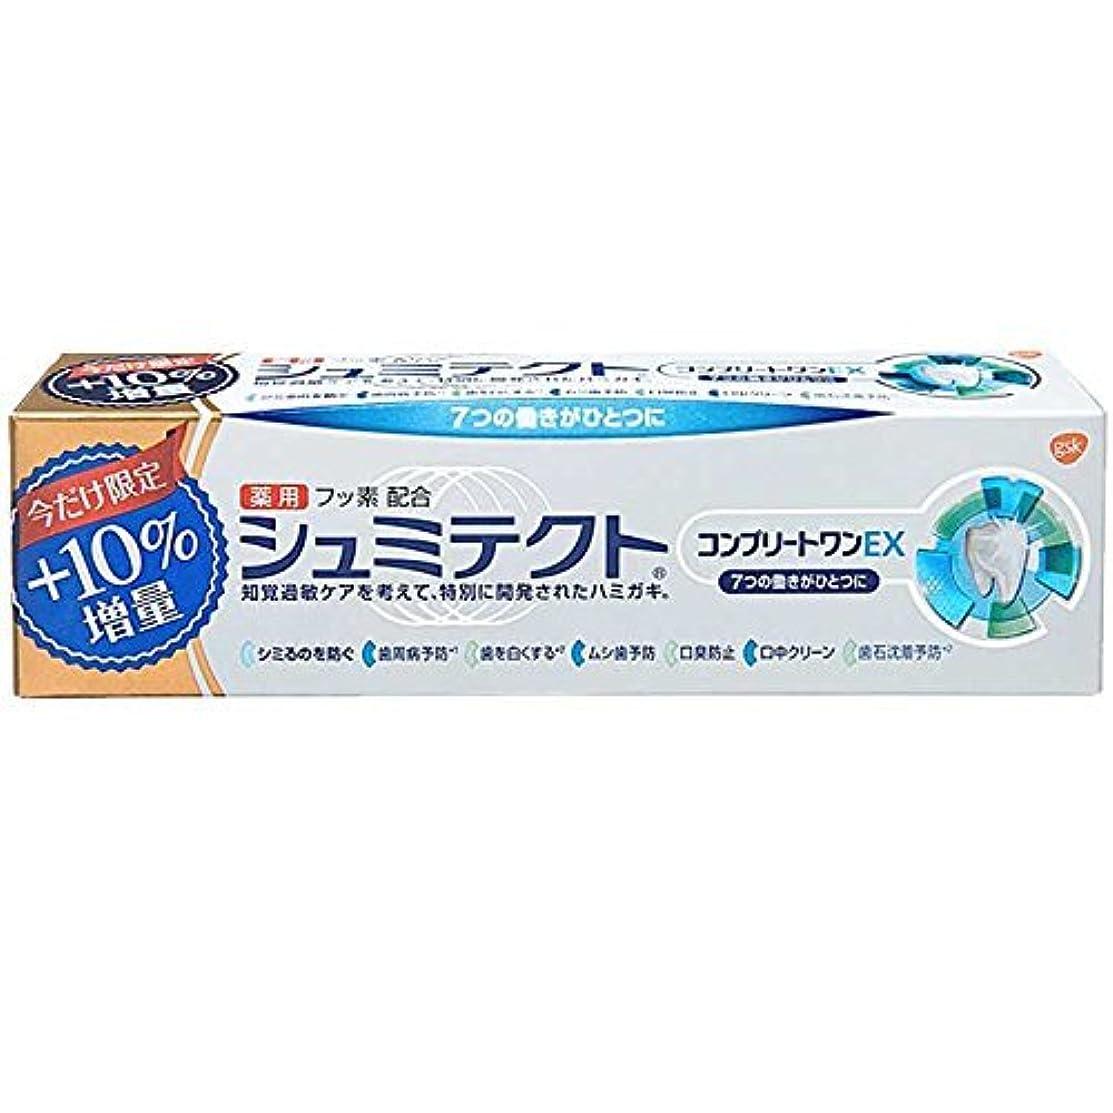 公演メモモス薬用シュミテクトコンプリートワンEX増量99g